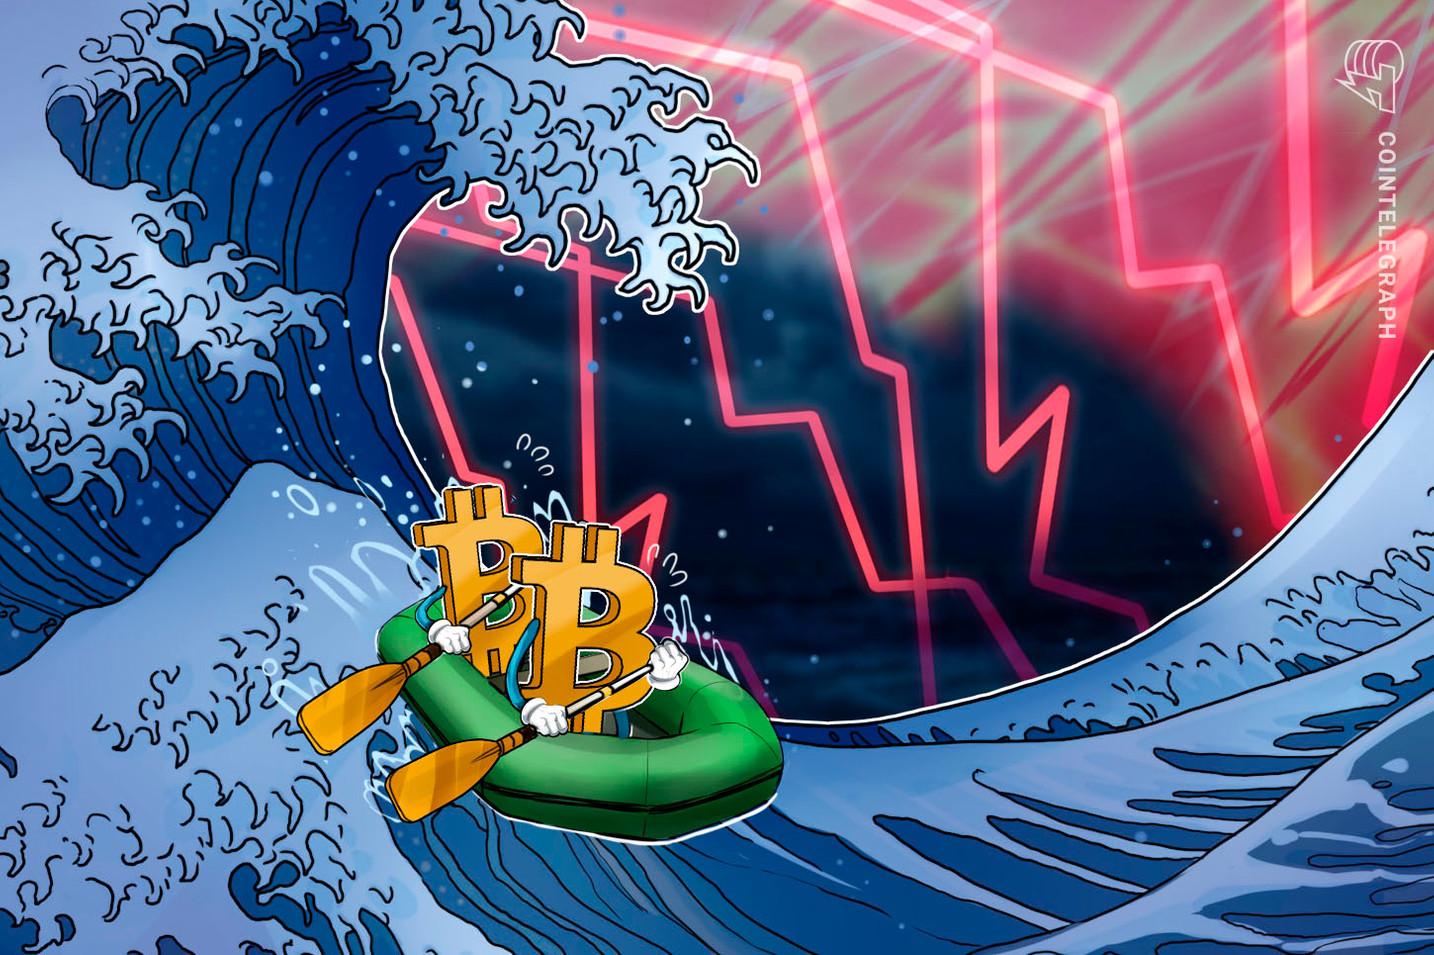 El precio de Bitcoin cae a $8,900 y aumenta el temor de que comience una nueva tendencia bajista